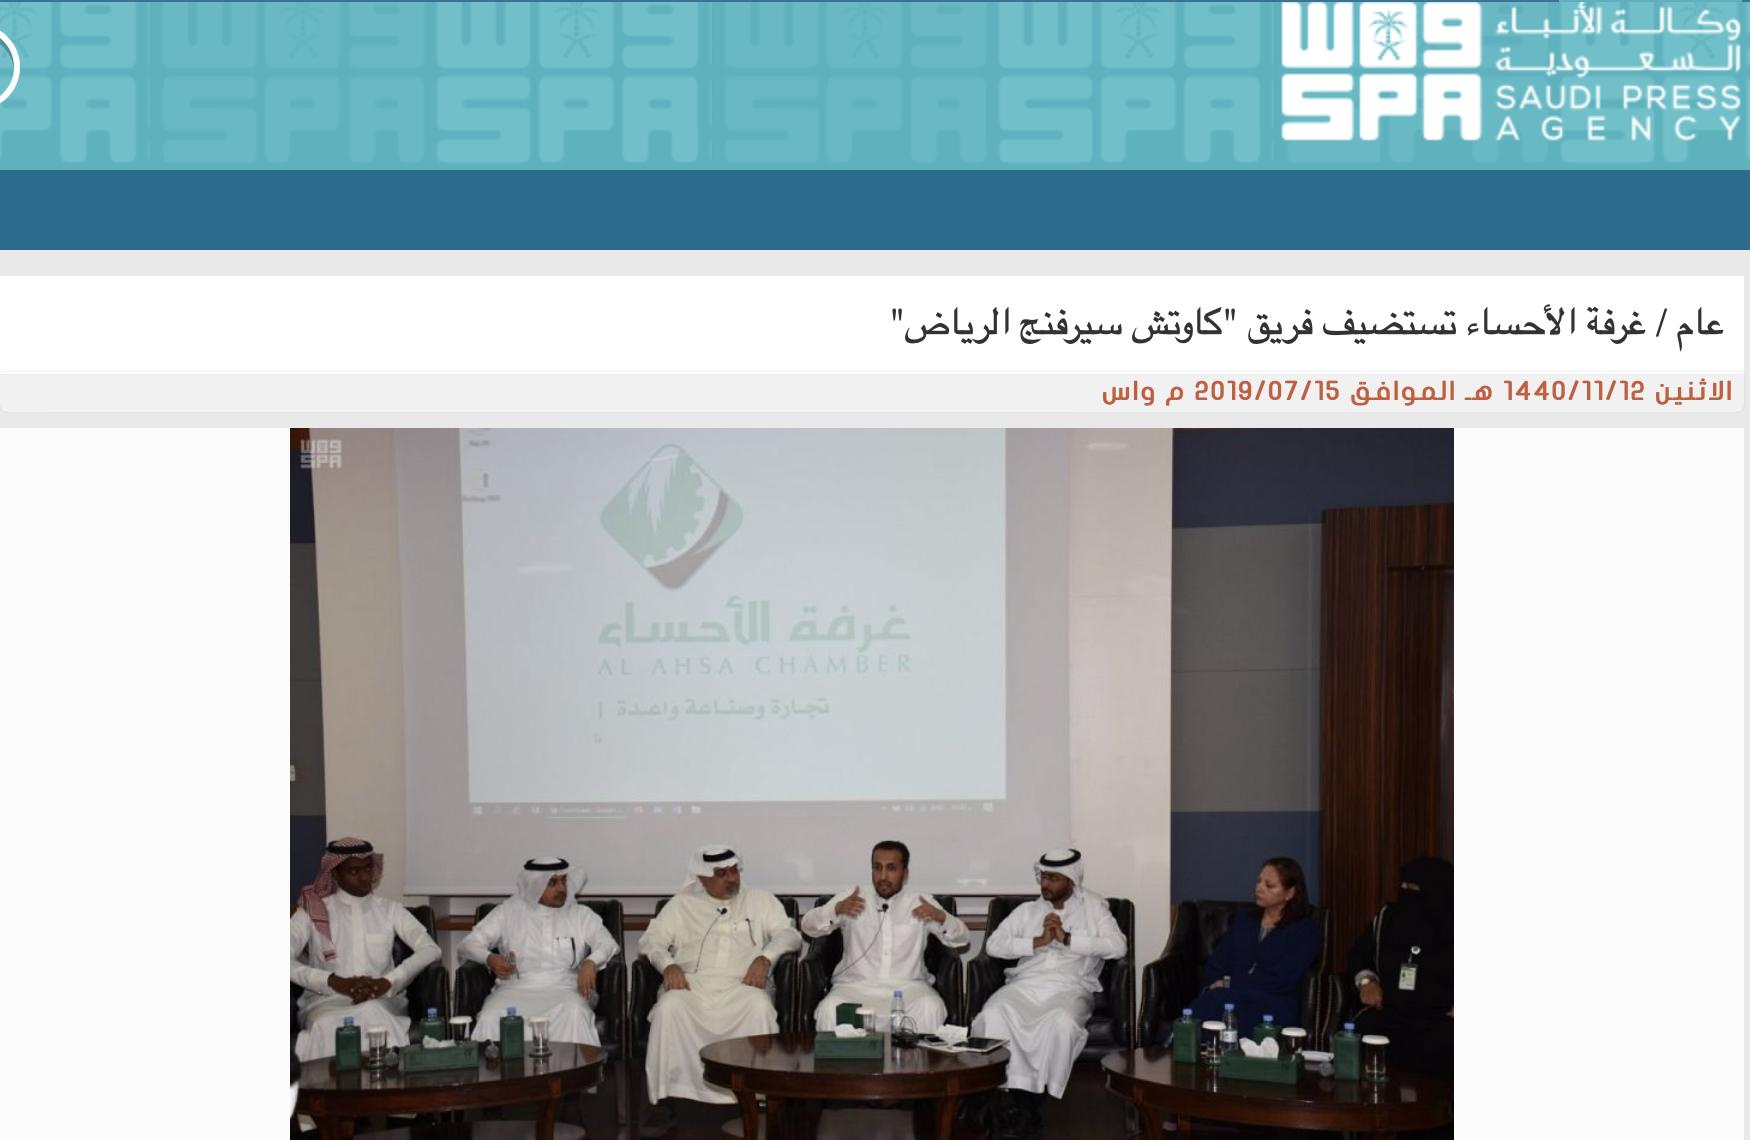 وكالة الأنباء السعودية - غرفة الأحساء تستضيف فريق كاوتش سيرفنق الرياض